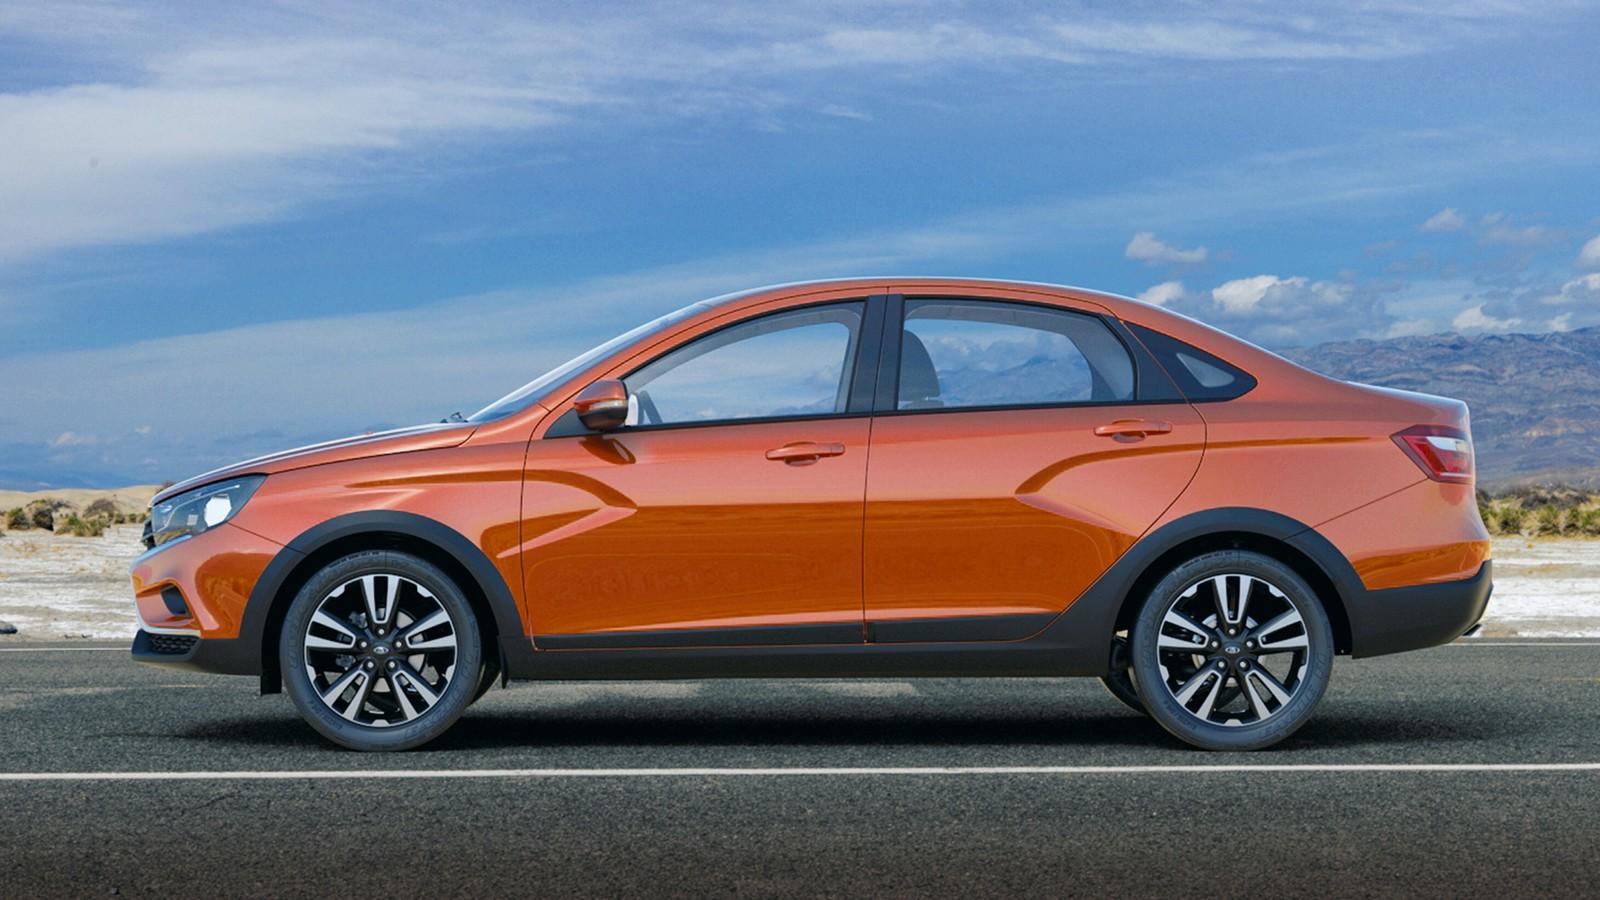 На фото: Lada Vesta Cross Concept. Кросс-версию отличают пластиковые защитные накладки чёрного цвета, 17-дюймовые колёса, увеличенный дорожный просвет и отделка салона